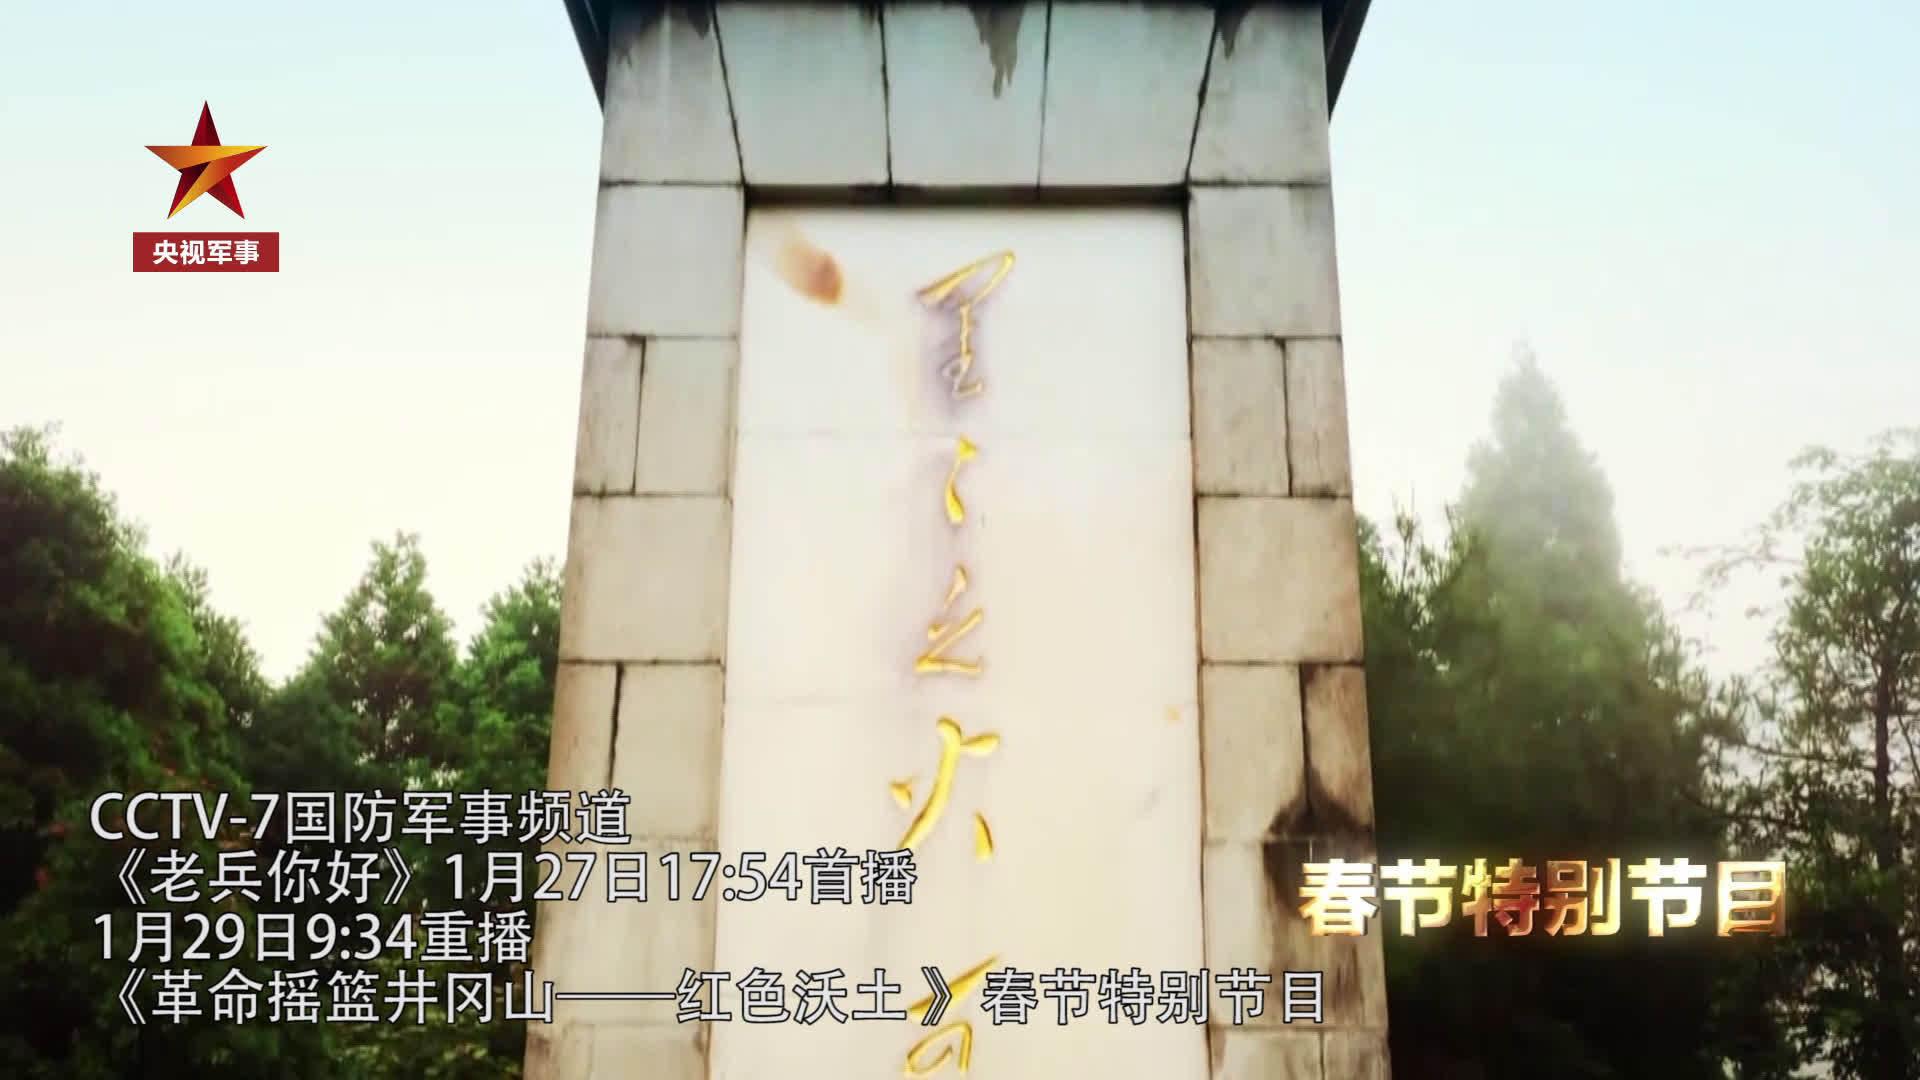 革命摇篮井冈山的故事